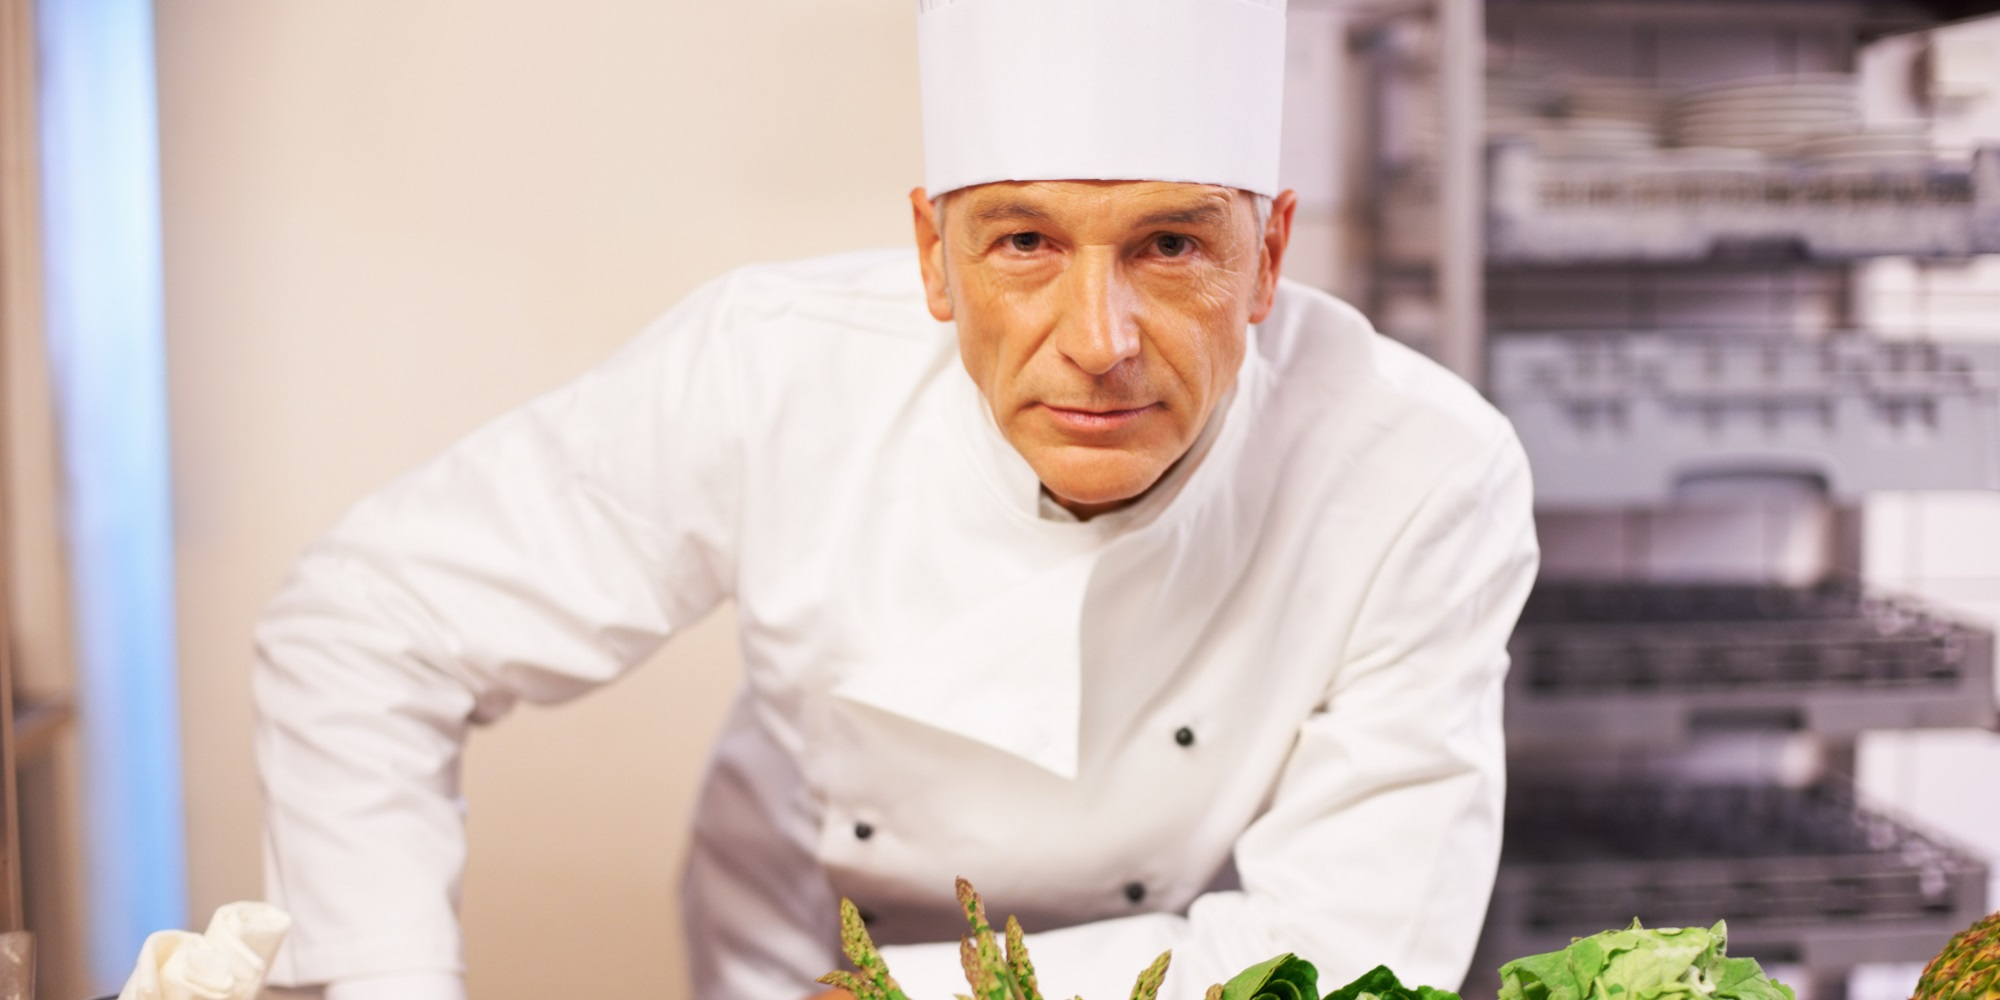 chef cuisinier accoudé au plan de travail intérimaire chez adaptel-lyon